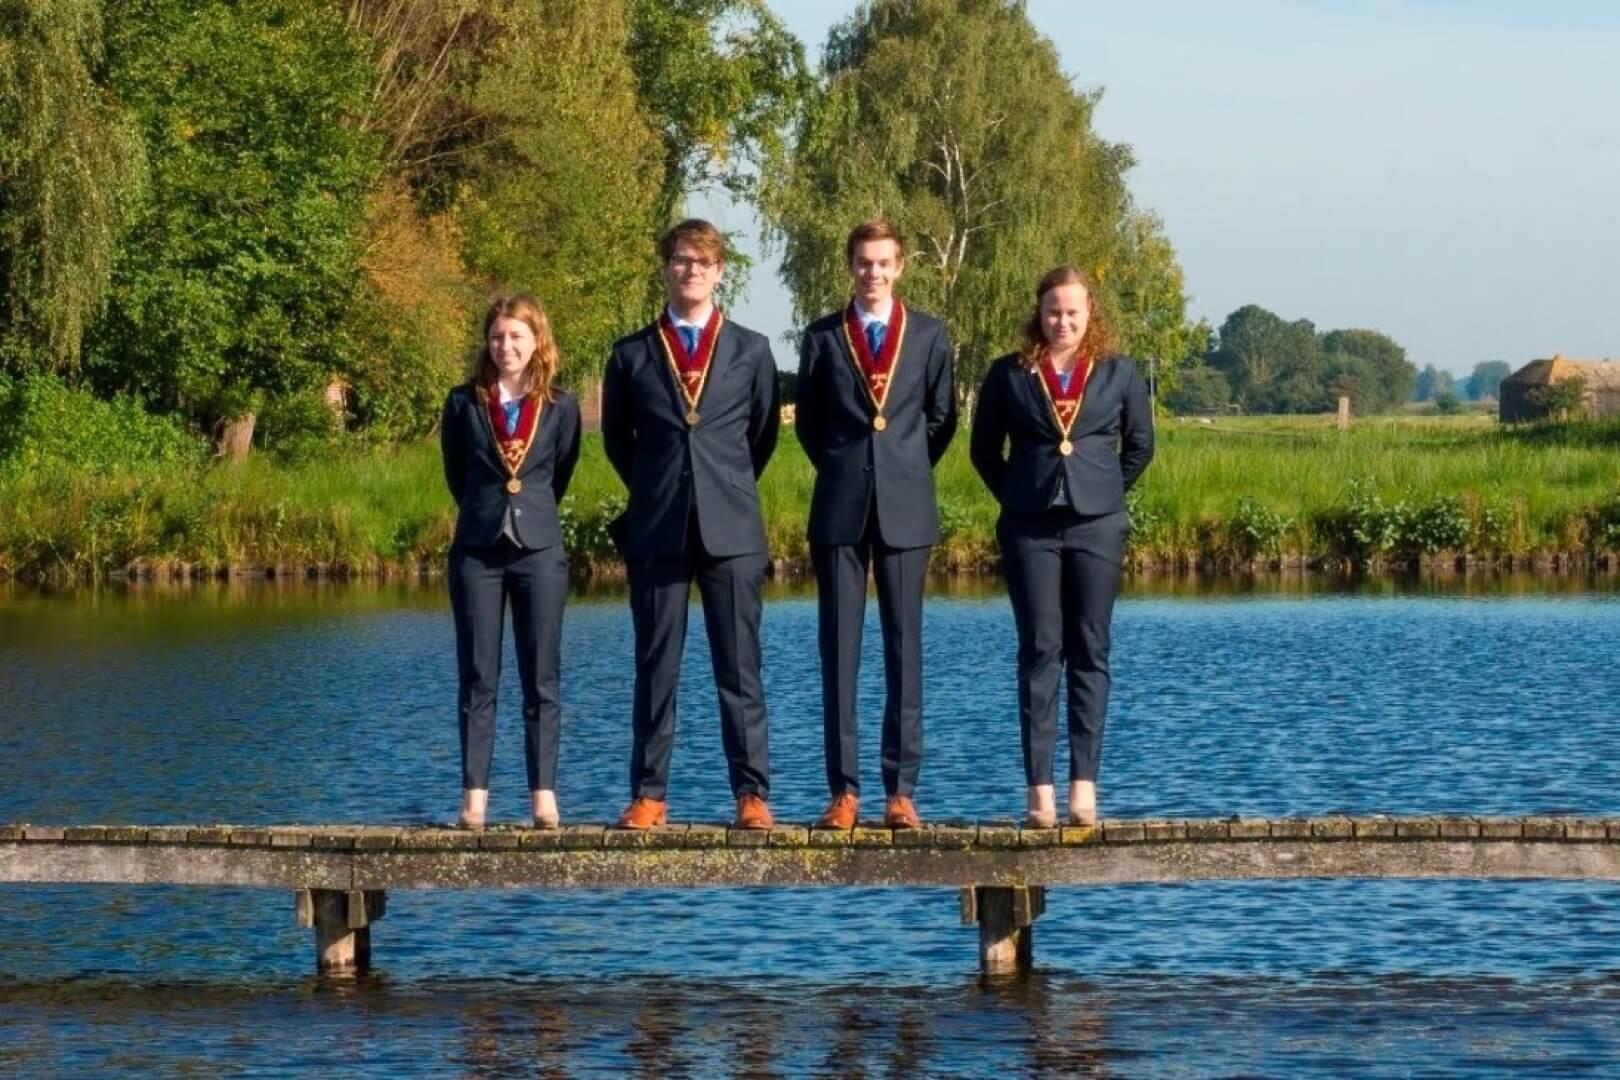 VGSU-Vereniging-van-Gereformeerde-Studenten-te-Utrecht-Bestuur-Van-der-Lugt-2015 Pak Student Bestuur Vereniging De Oost Bespoke Academy.jpg